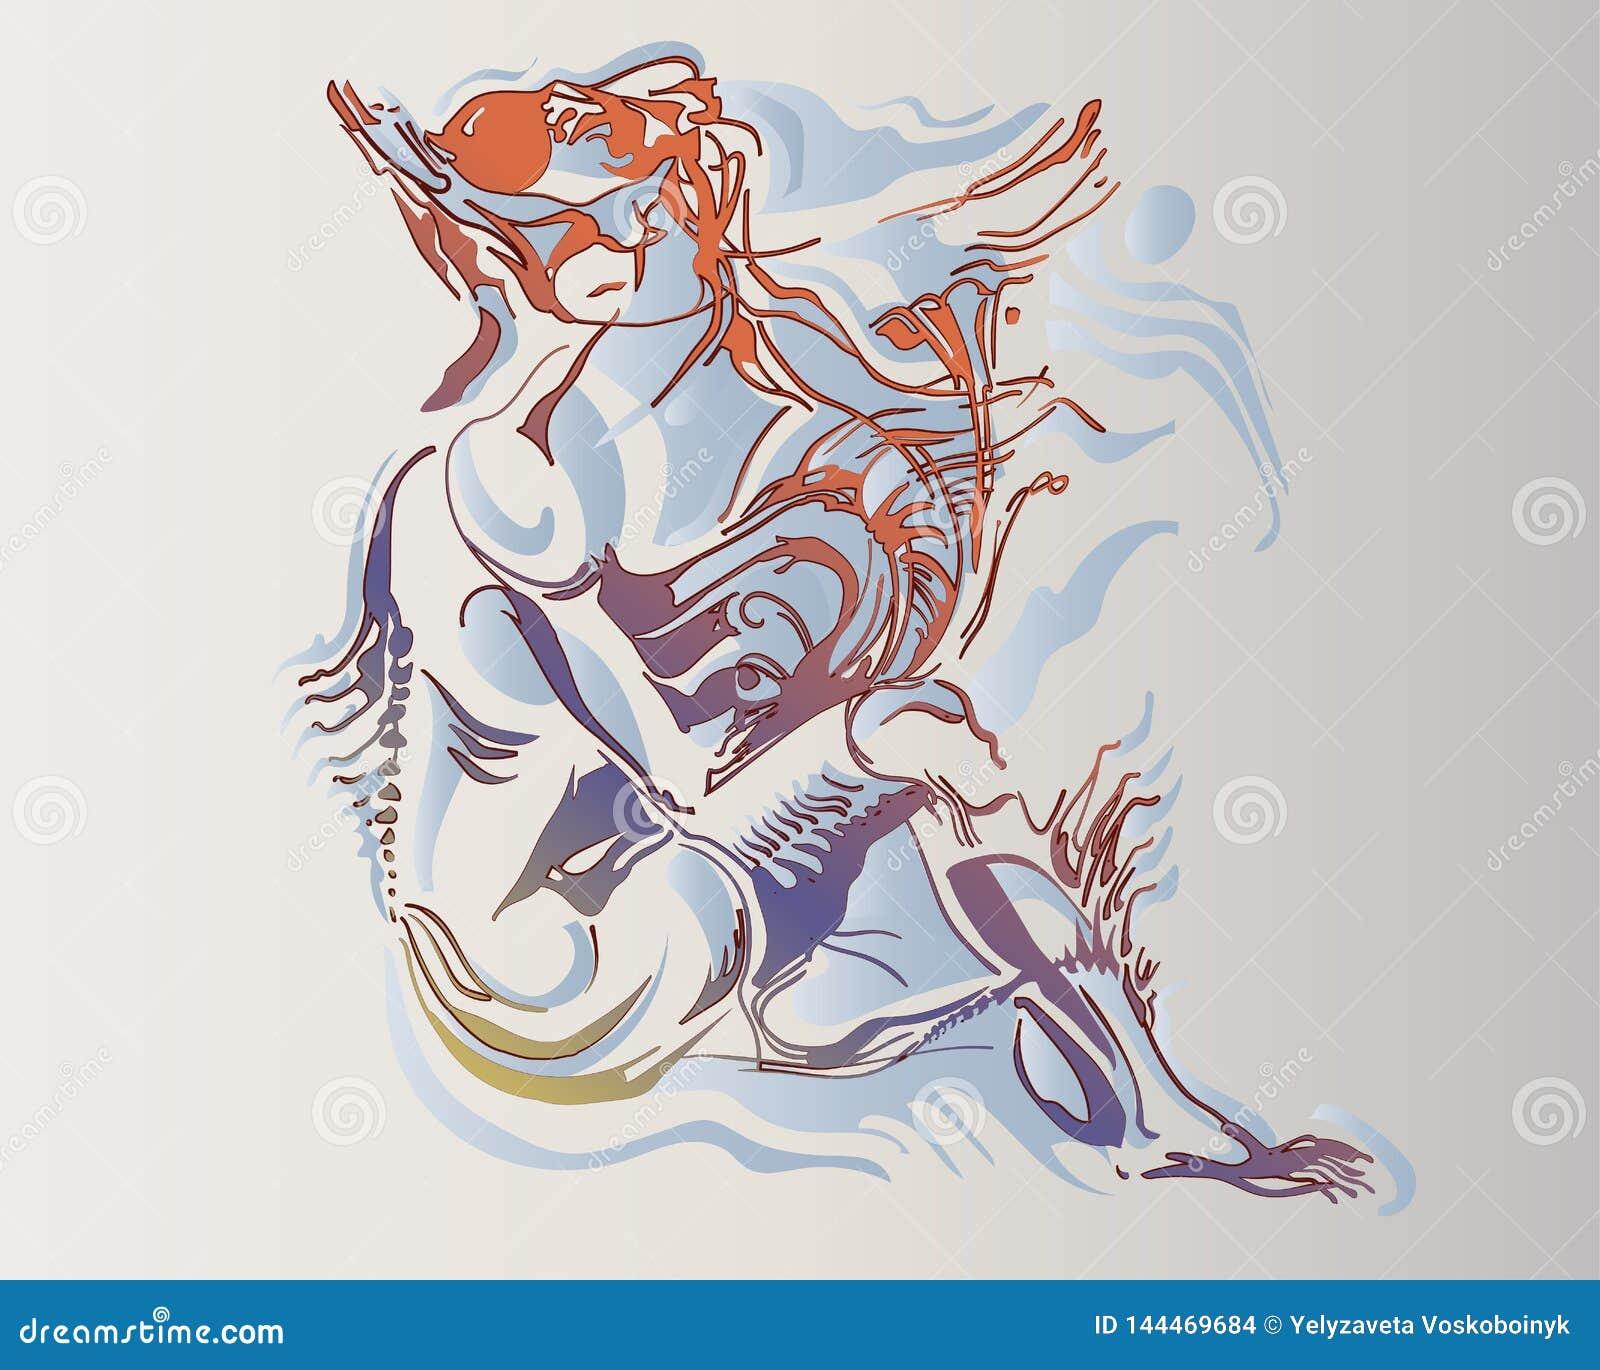 Imagen del vector de una mujer anfibia fantástica